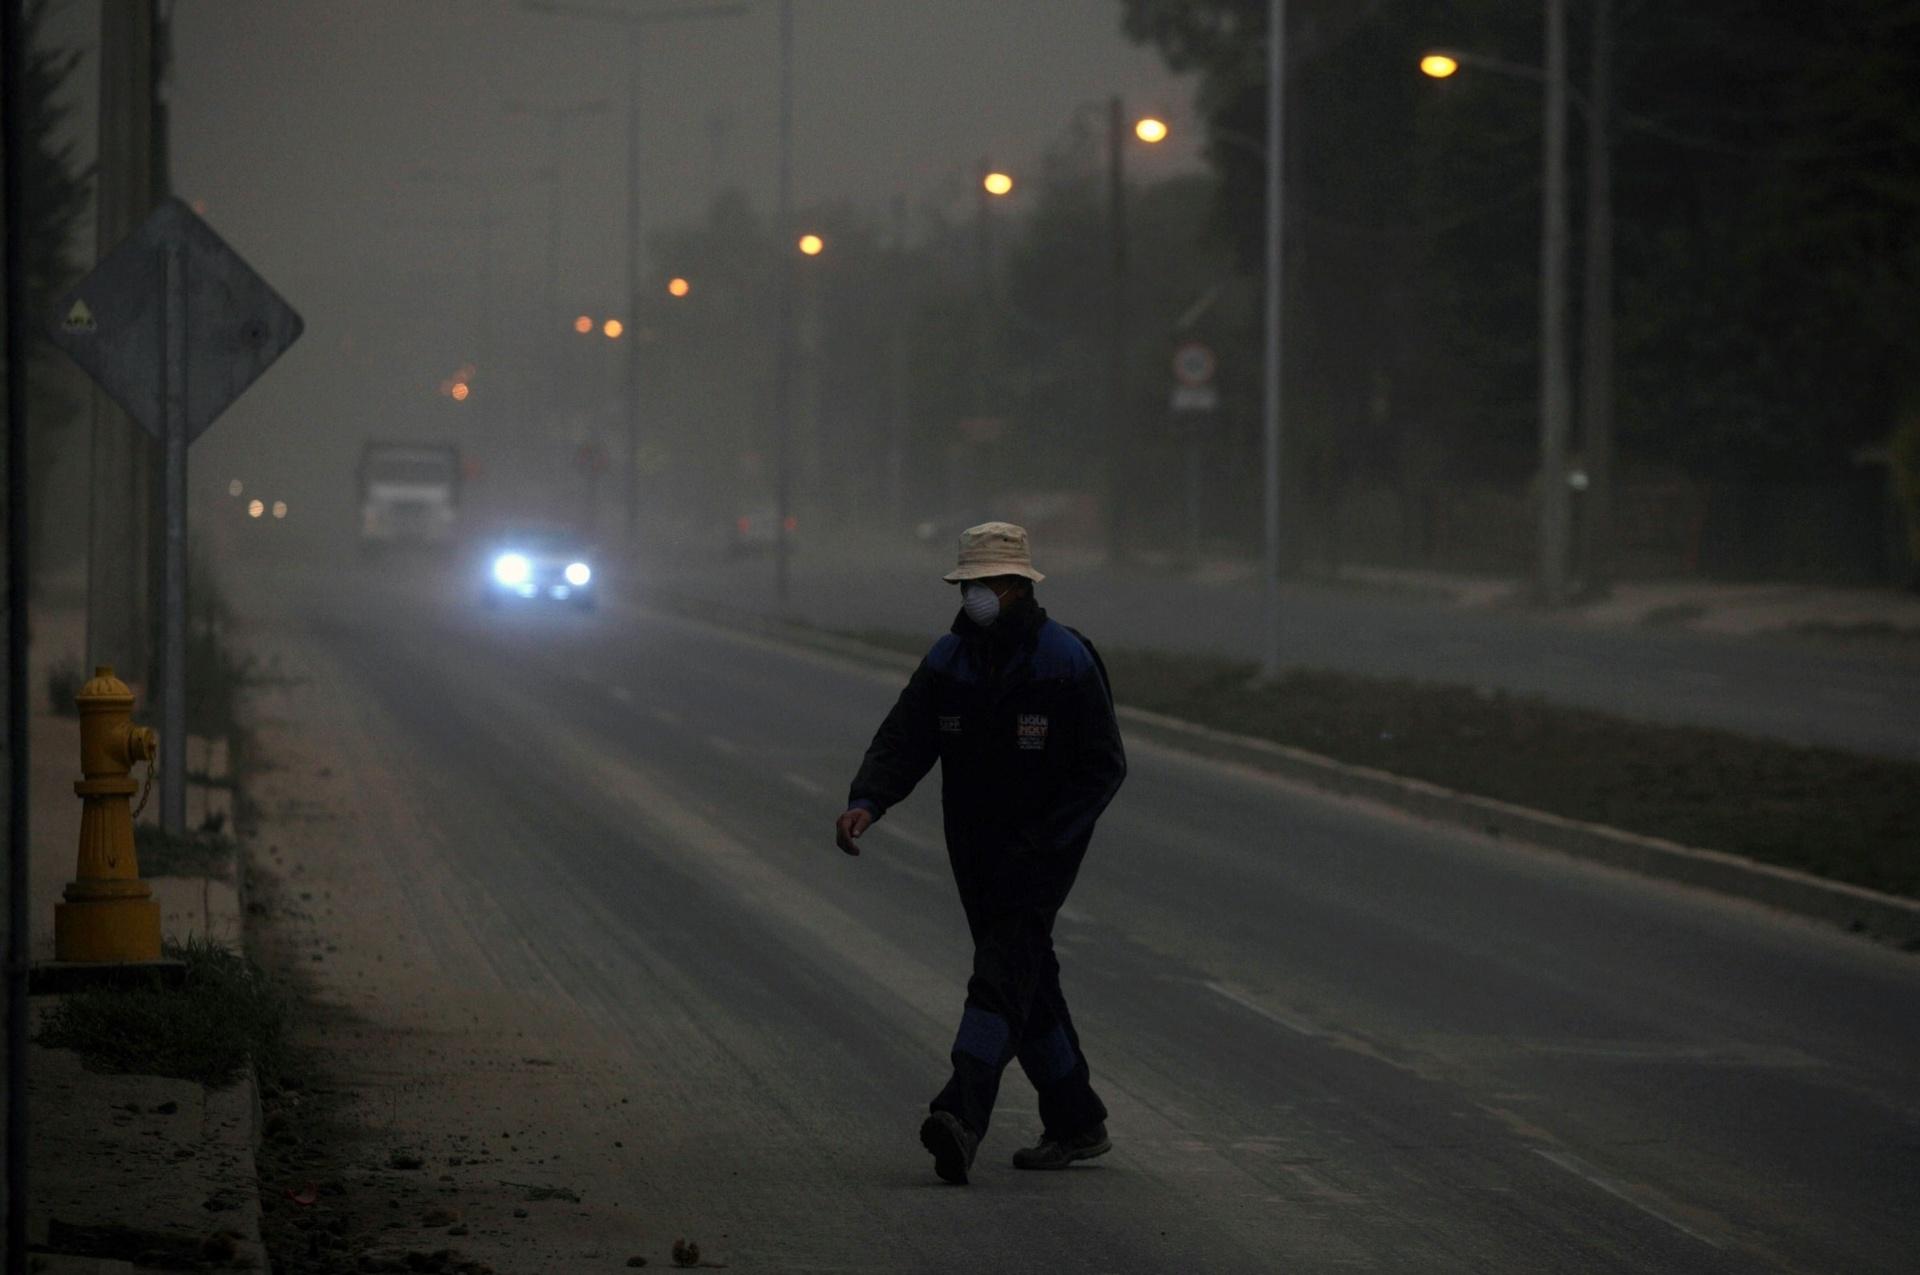 23.abr.2015 - Um homem usa uma máscara enquanto caminha ao meio dia por uma rua de Pucón, coberta por cinzas expelidas pelo vulcão Calbudo, a 400 km ao norte de Puerto Varas, no Chile, nesta quinta-feira (23). O vulcão entrou em erupção na quarta-feira (22) pela primeira vez em quase meio século e está entre os três mais perigosos dos 90 vulcões ativos no país. O alerta vermelho (máximo) está em vigor nas cidades de Puerto Montt e Puerto Varas, situadas na região de Los Lagos, cerca de 1.300 km ao sul de Santiago. As aulas estão suspensas na região e os voos foram proibidos sobre a zona em alerta